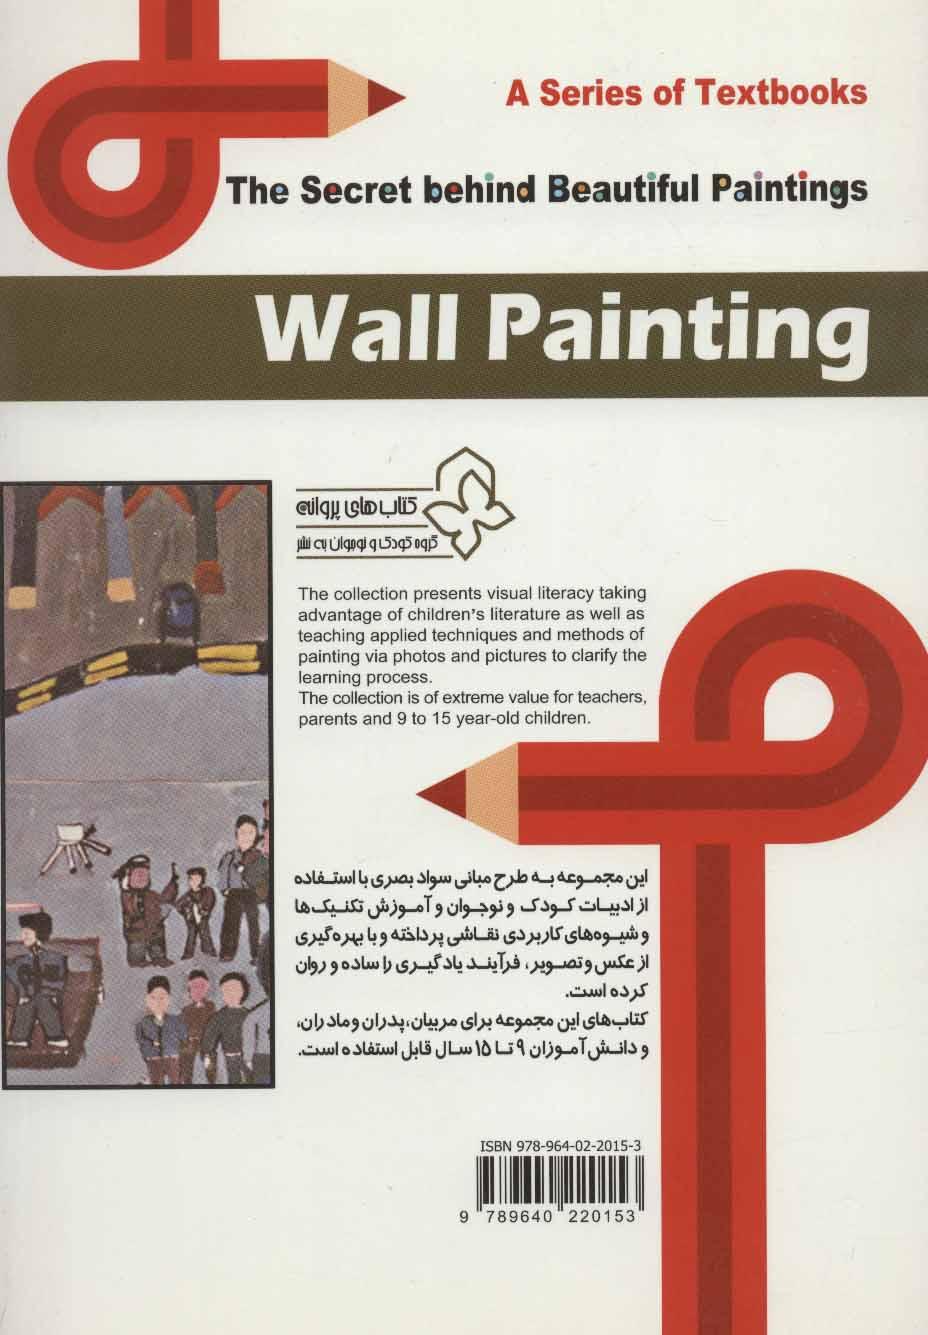 راز نقاشی های قشنگ19 (نقاشی دیواری)